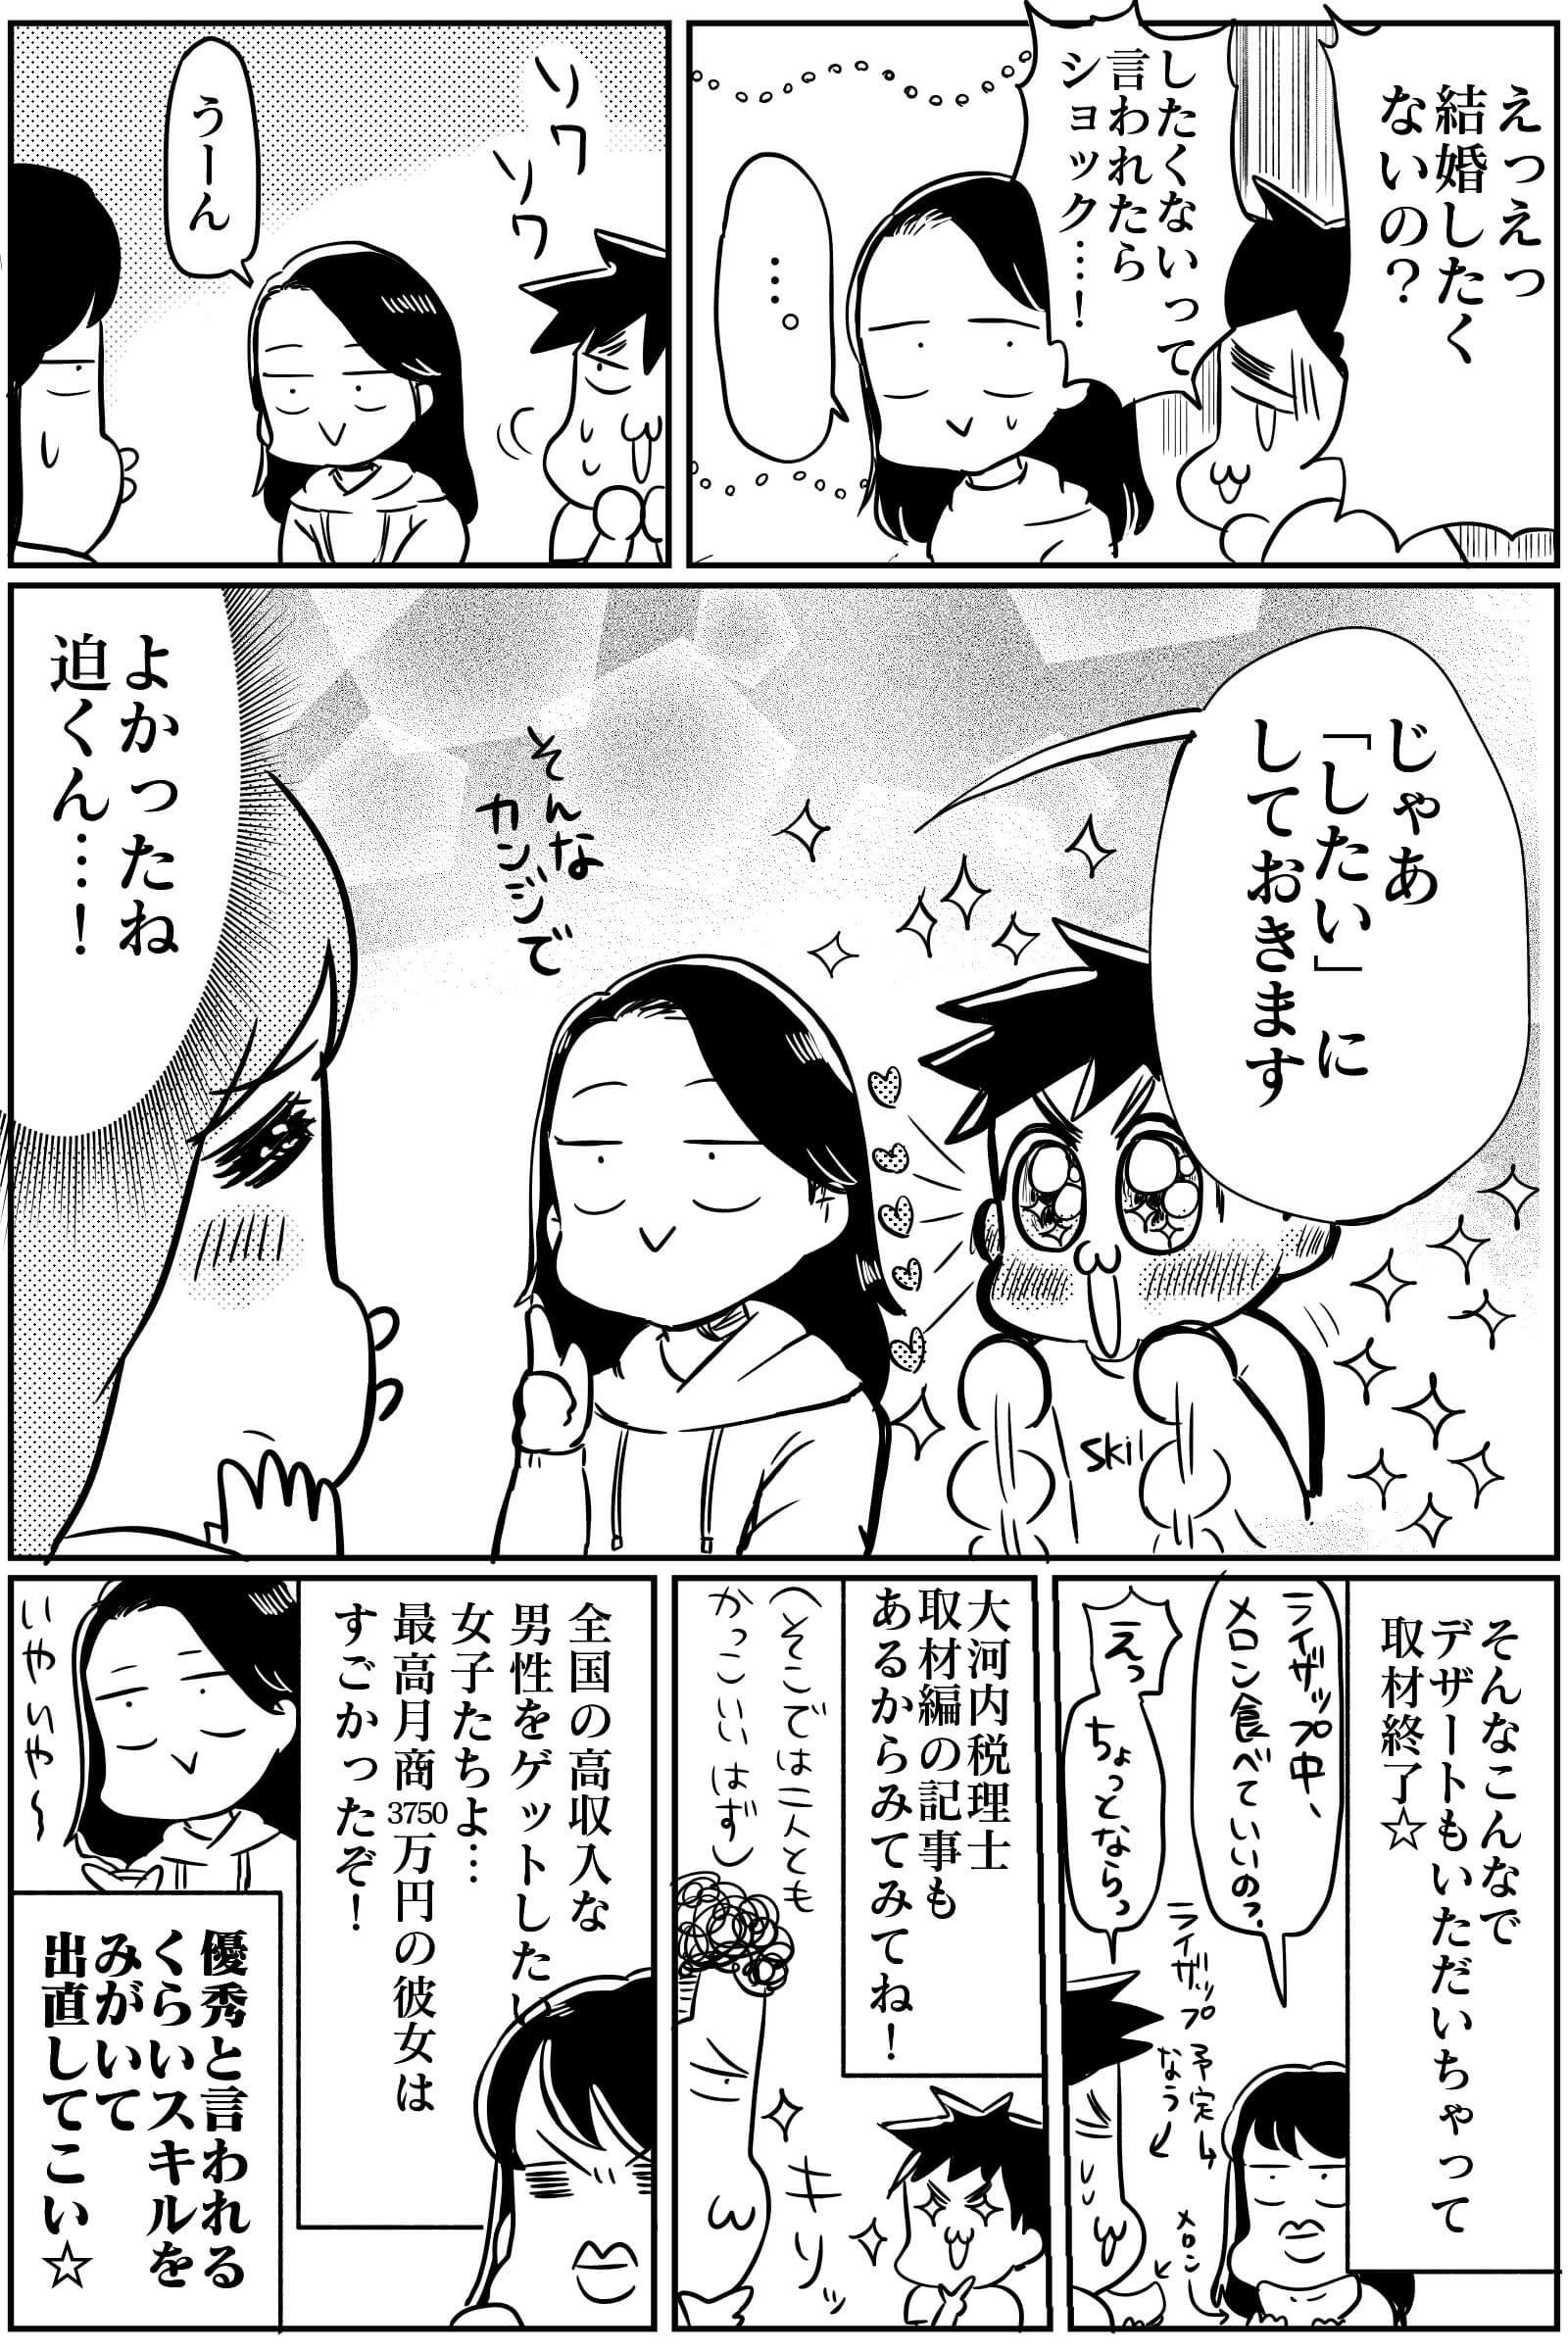 迫君漫画12